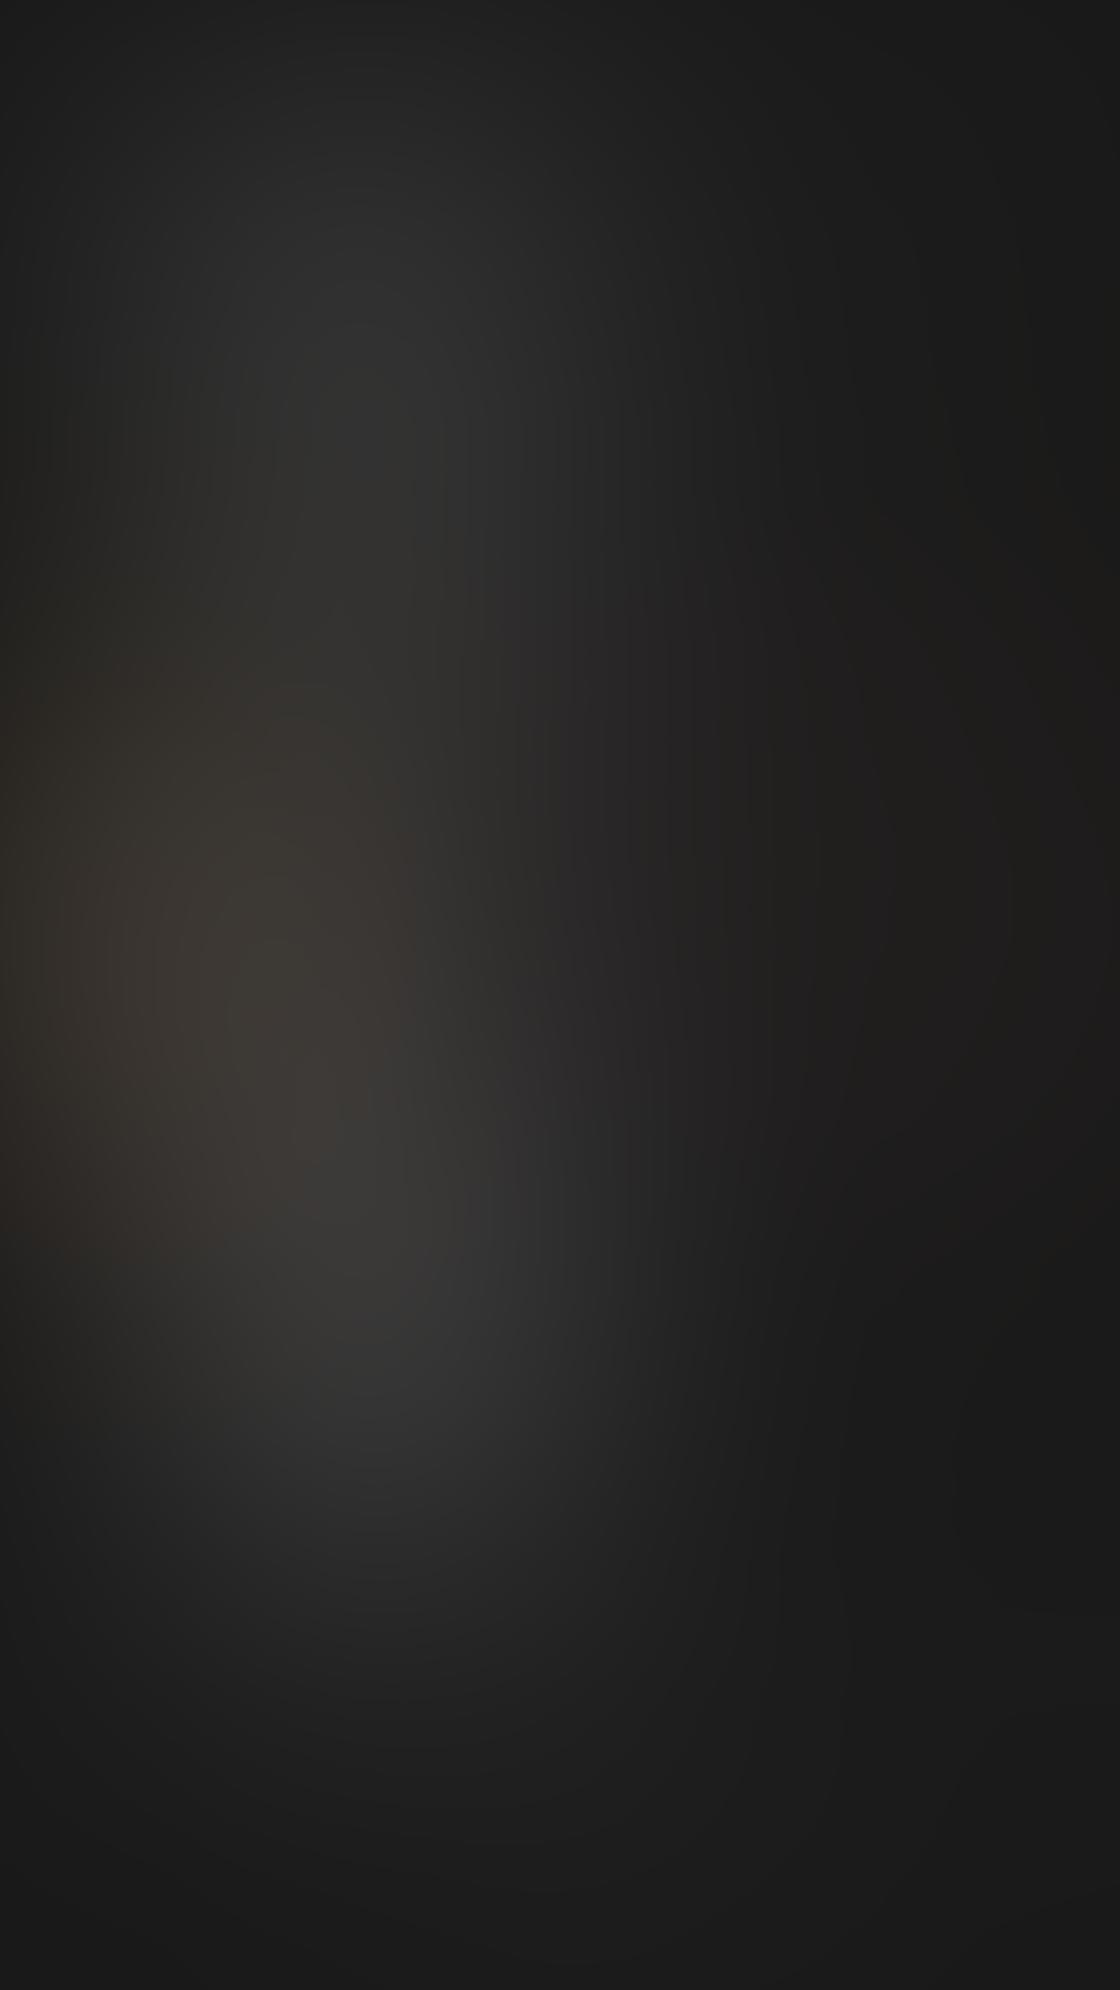 iPhone Lightroom App 12